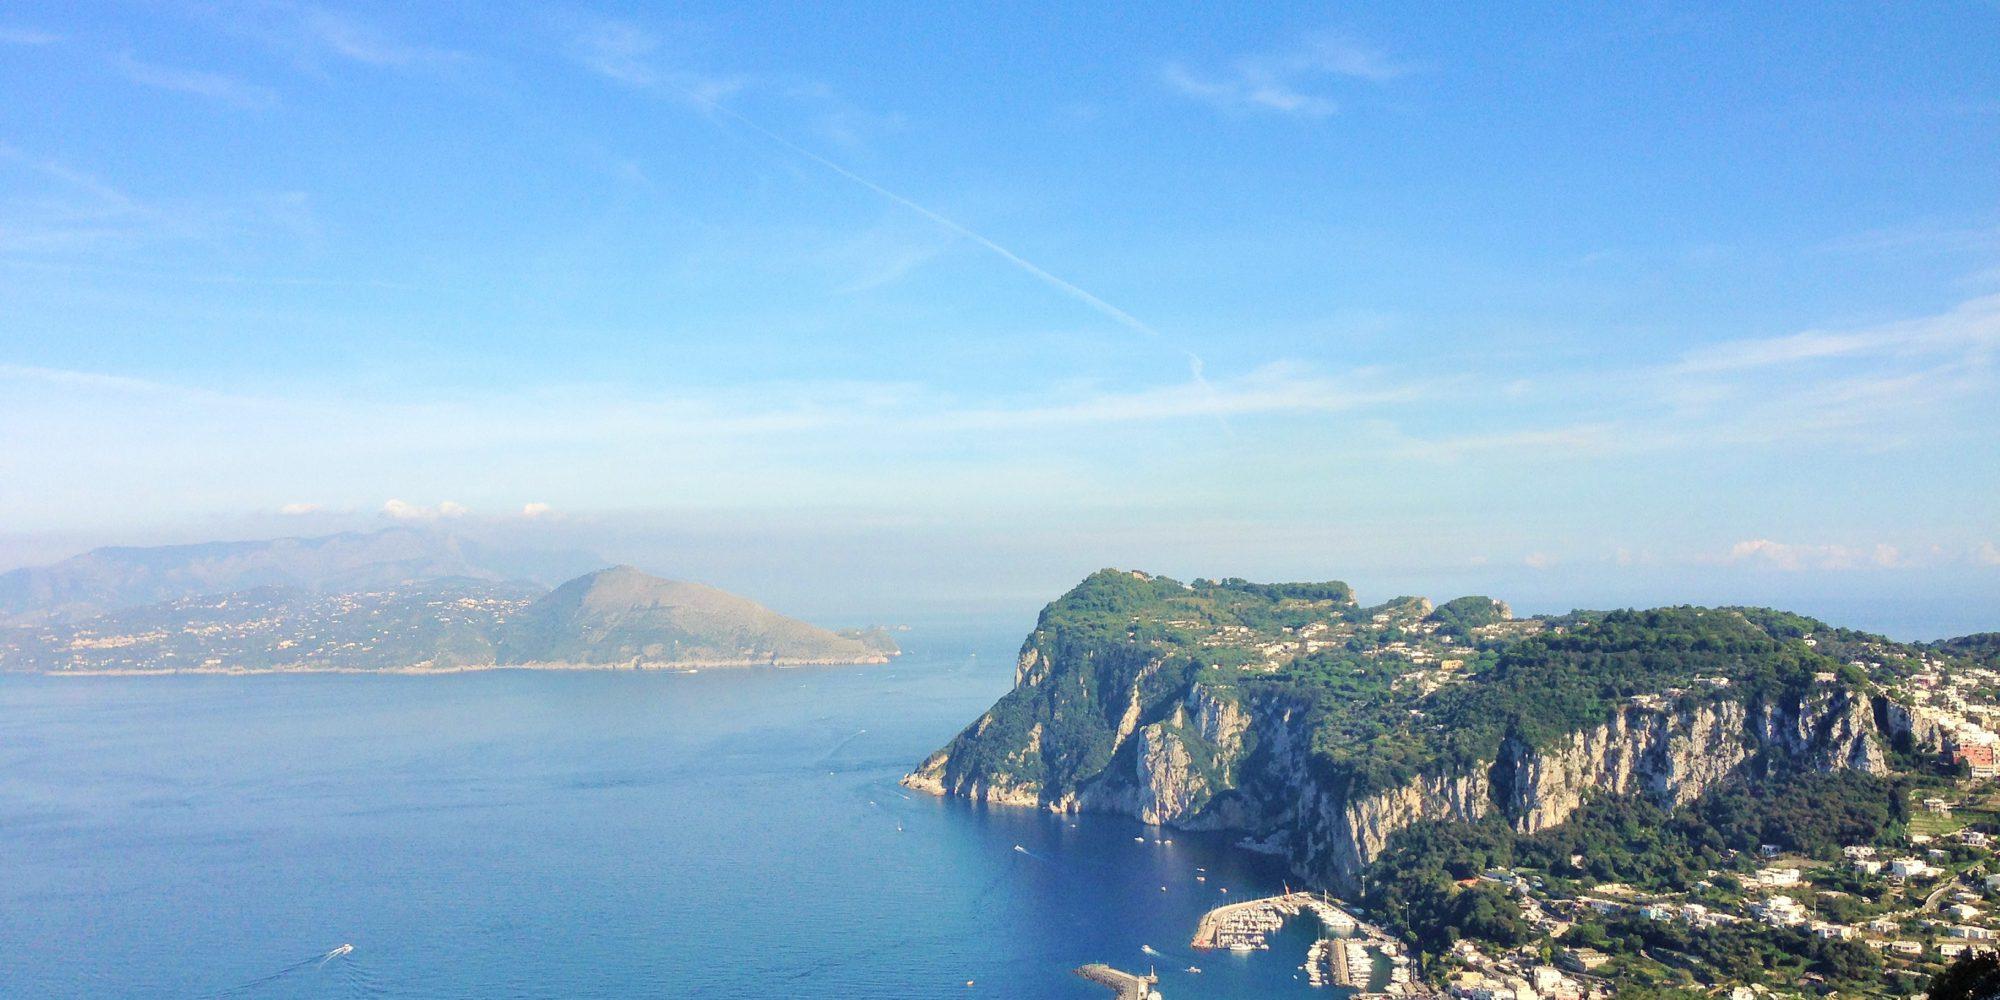 Capri view from Villa San Michele over the Marina Grande Port